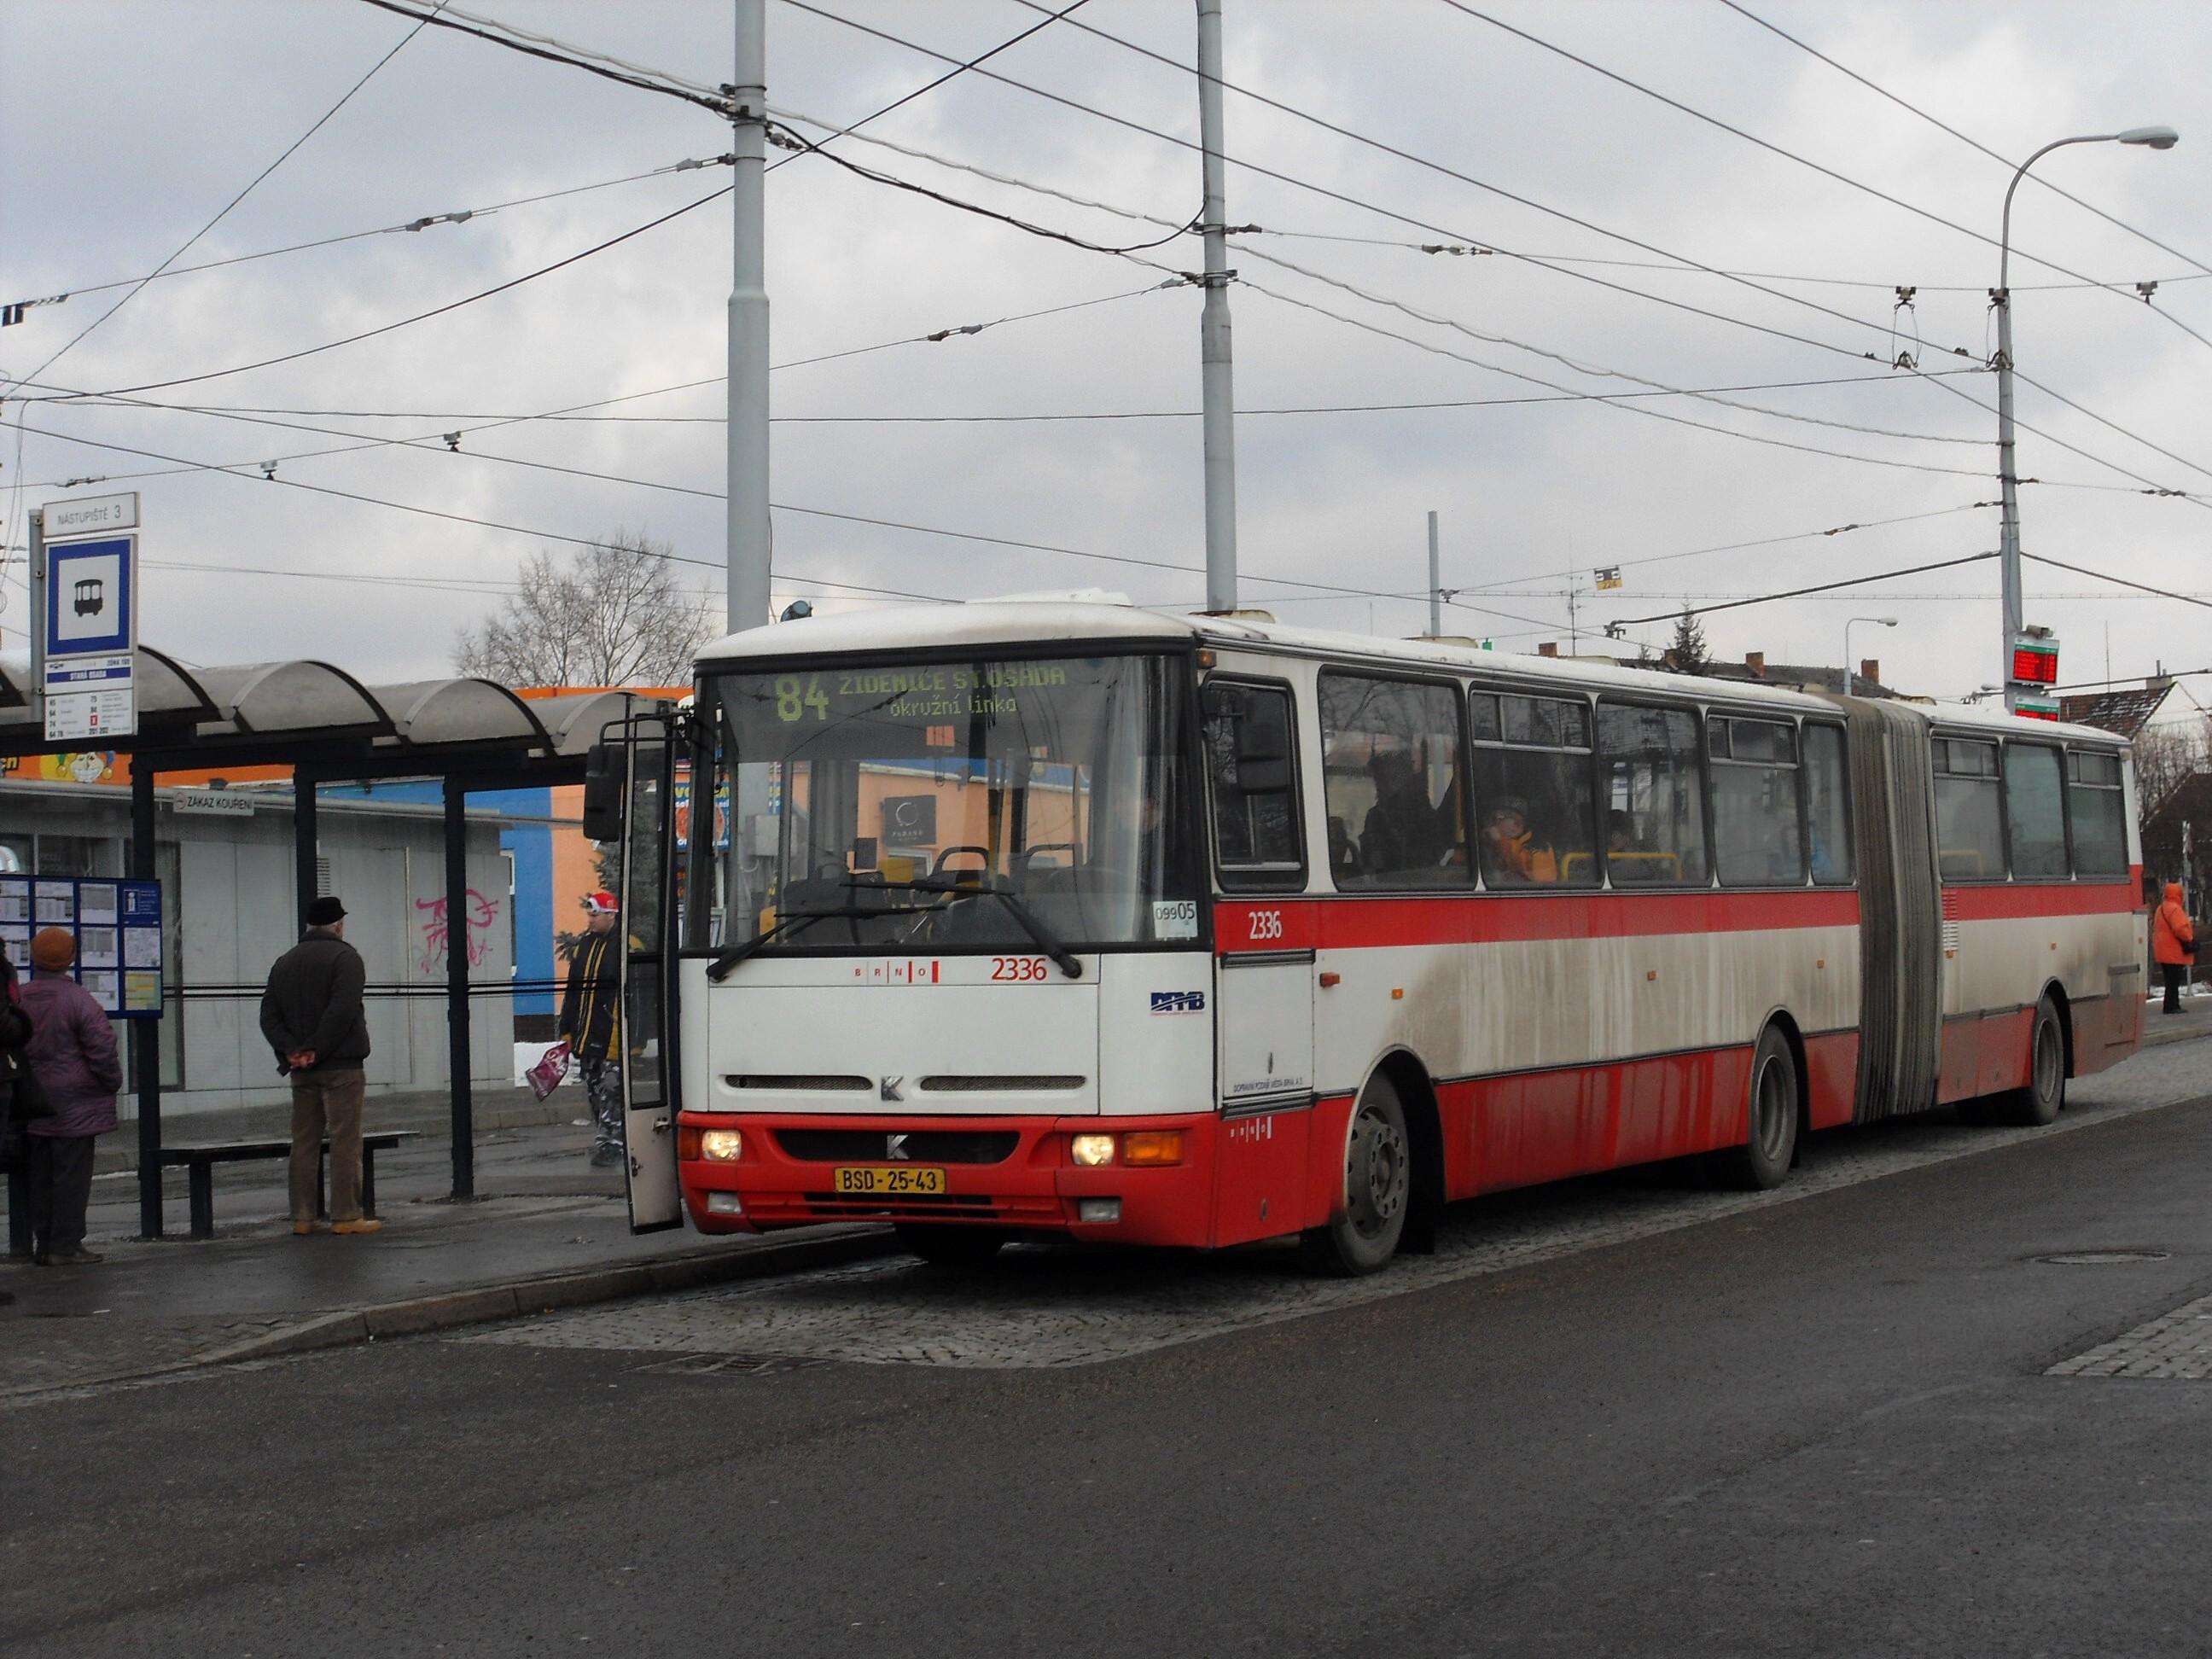 File:Brno, Židenice, smyčka Stará osada, Karosa B 941 č. 2336